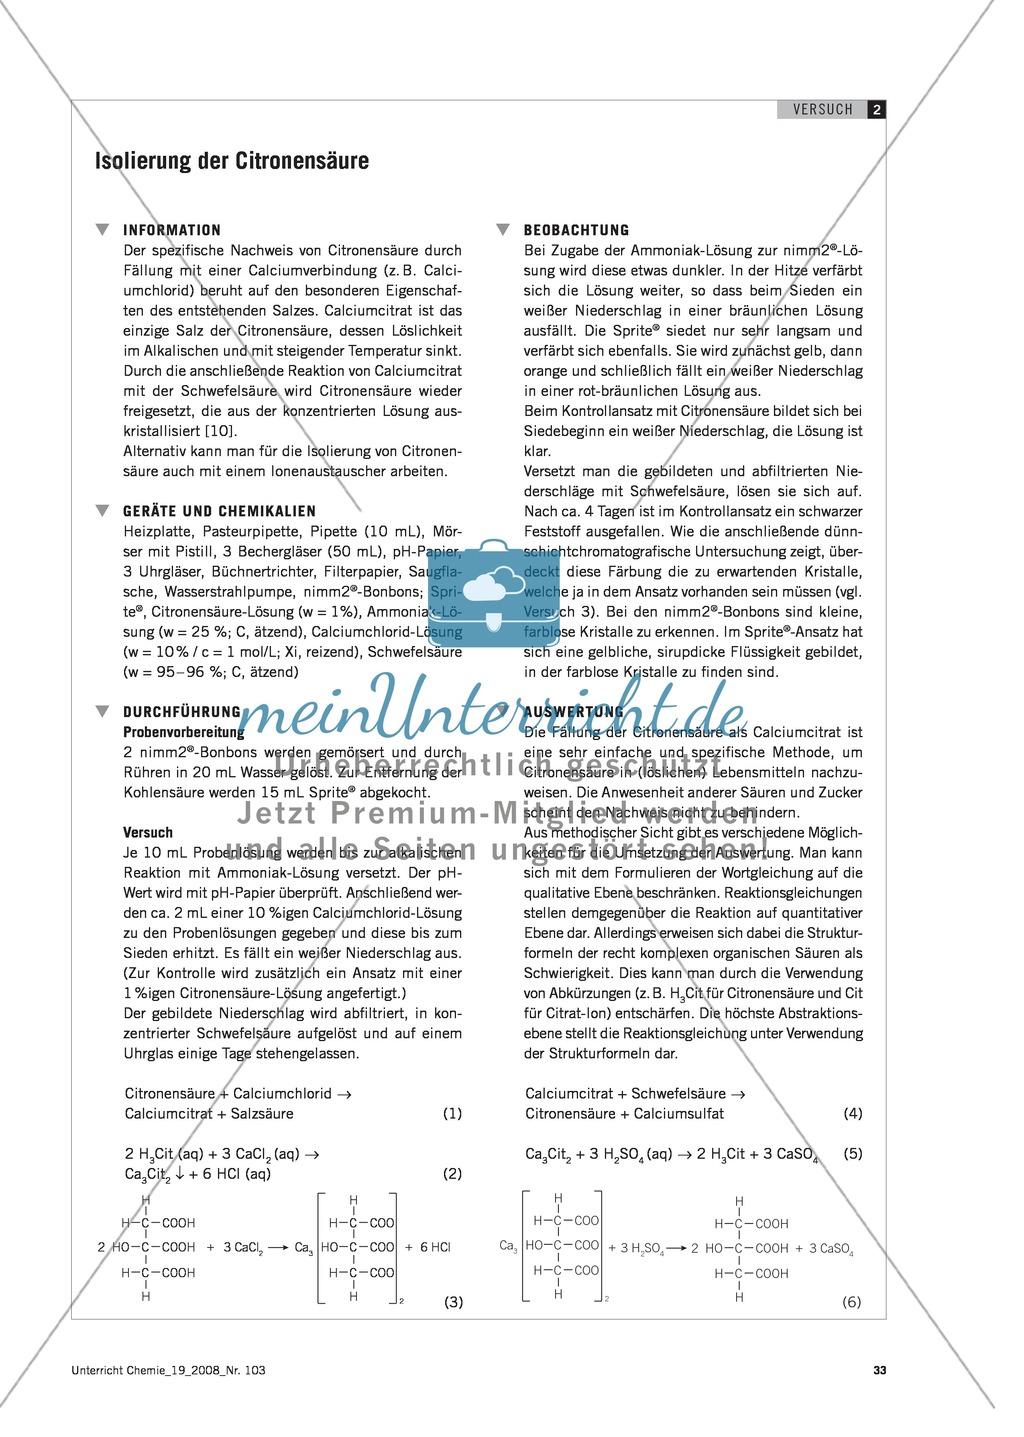 Citronensäure in Lebensmitteln - Experimente mit Sprite und nimm2 Preview 3